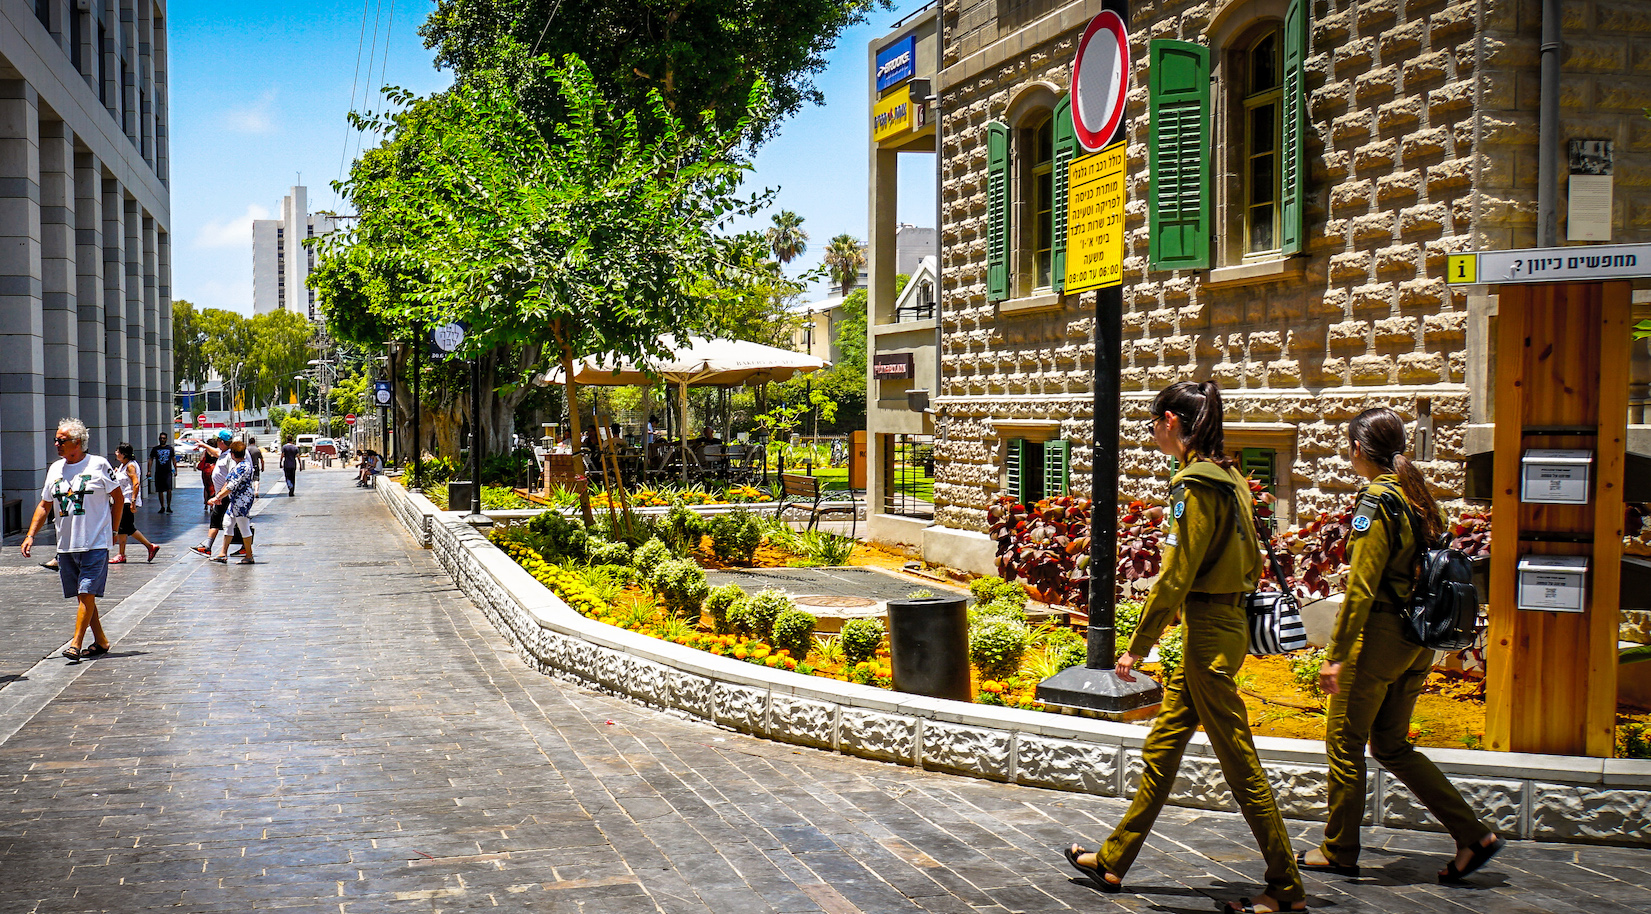 Dos chicas soldado camina por las calles de Tel Aviv en la zona del Sarona Market.